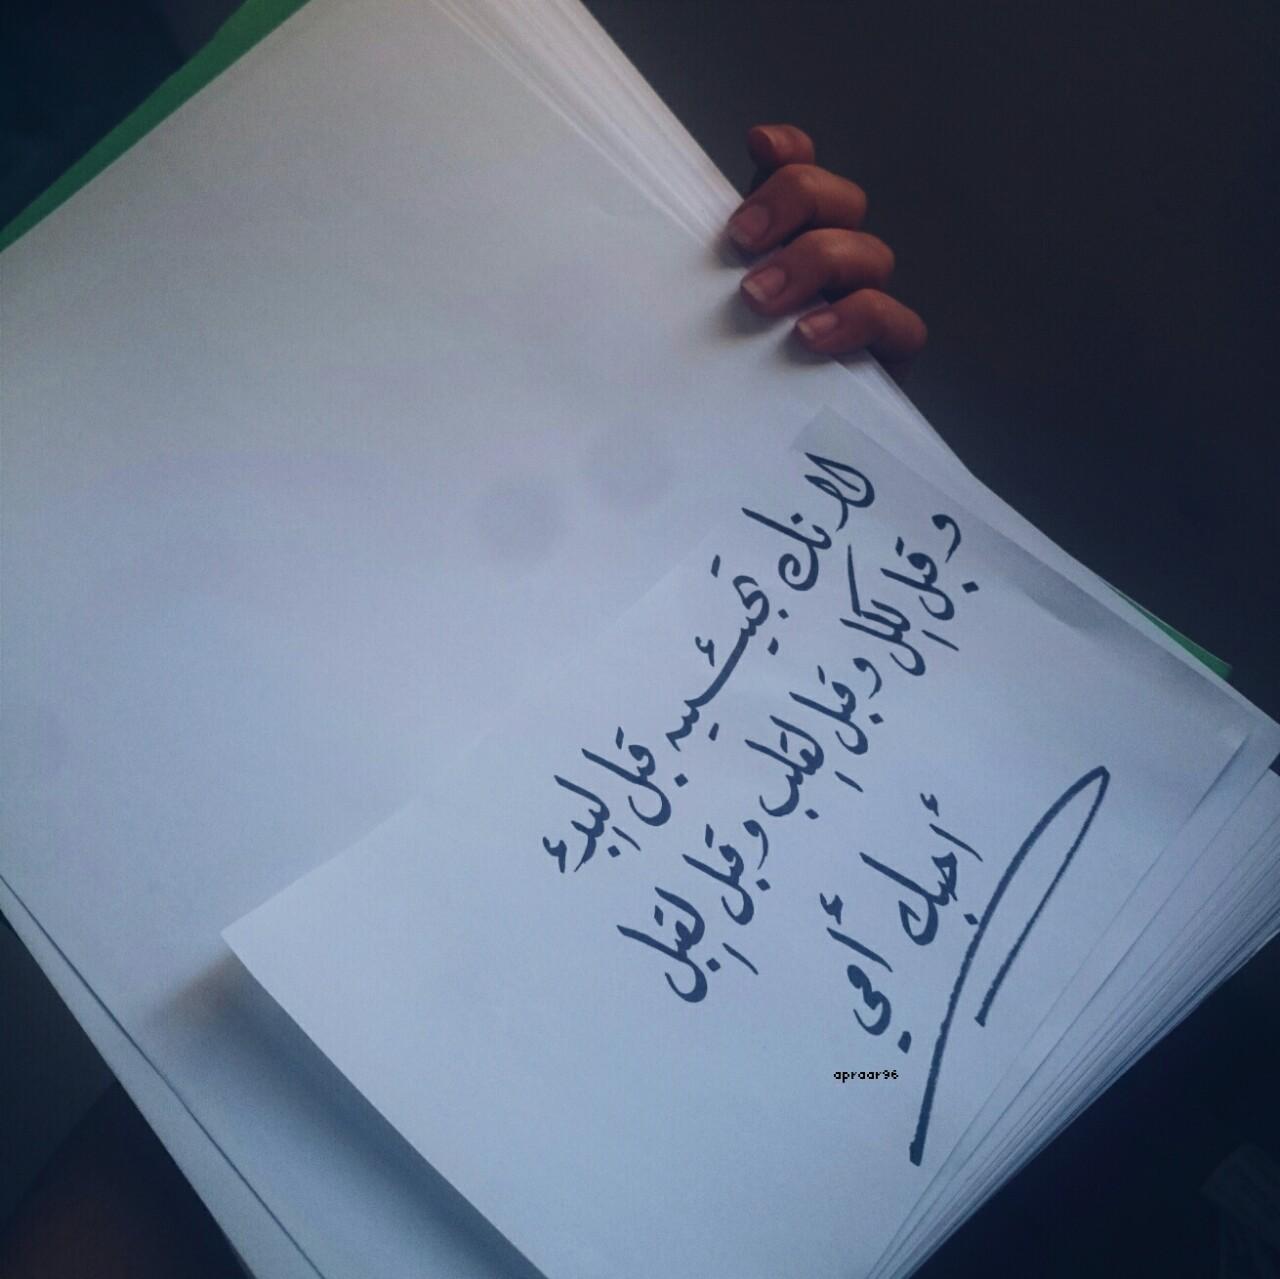 بالصور كلمات عن الام روعه , الام واجمل واصدق الكلمات عن الام 3682 3